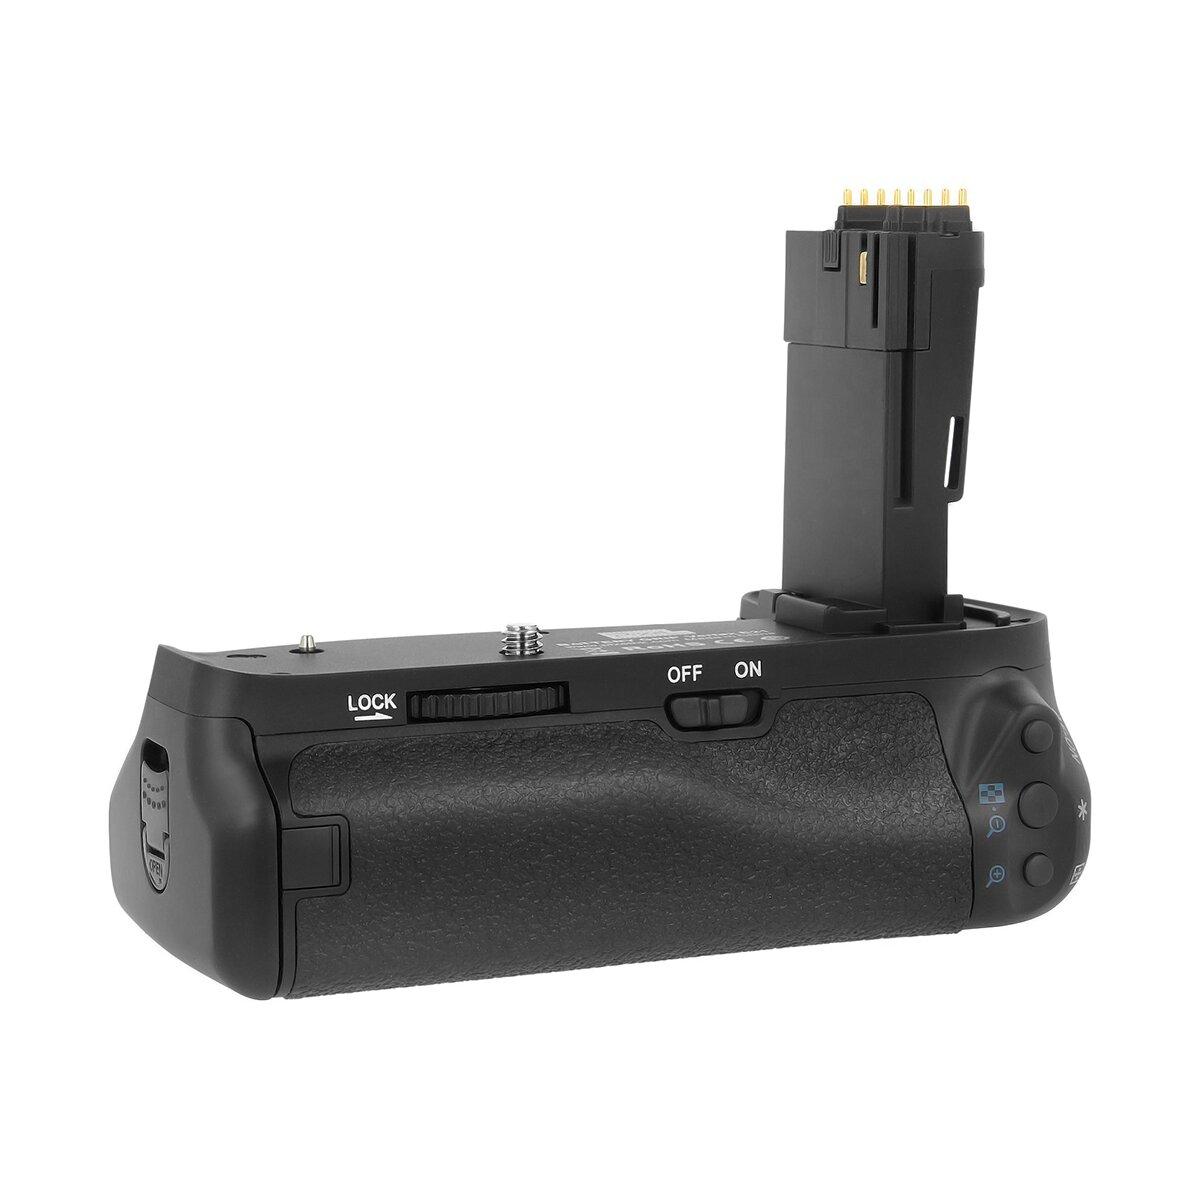 Batteriegriff kompatibel mit Canon EOS 6D Mark II  Akkugriff Battery Grip Ersatz für Canon BG-E21 – Vertax E21 - von Pixel